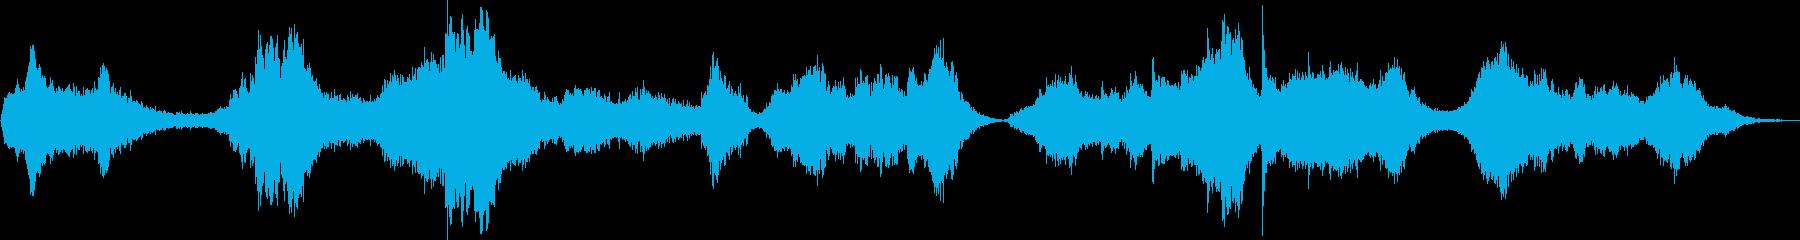 壮大でゆっくりと進化するこの大気の...の再生済みの波形